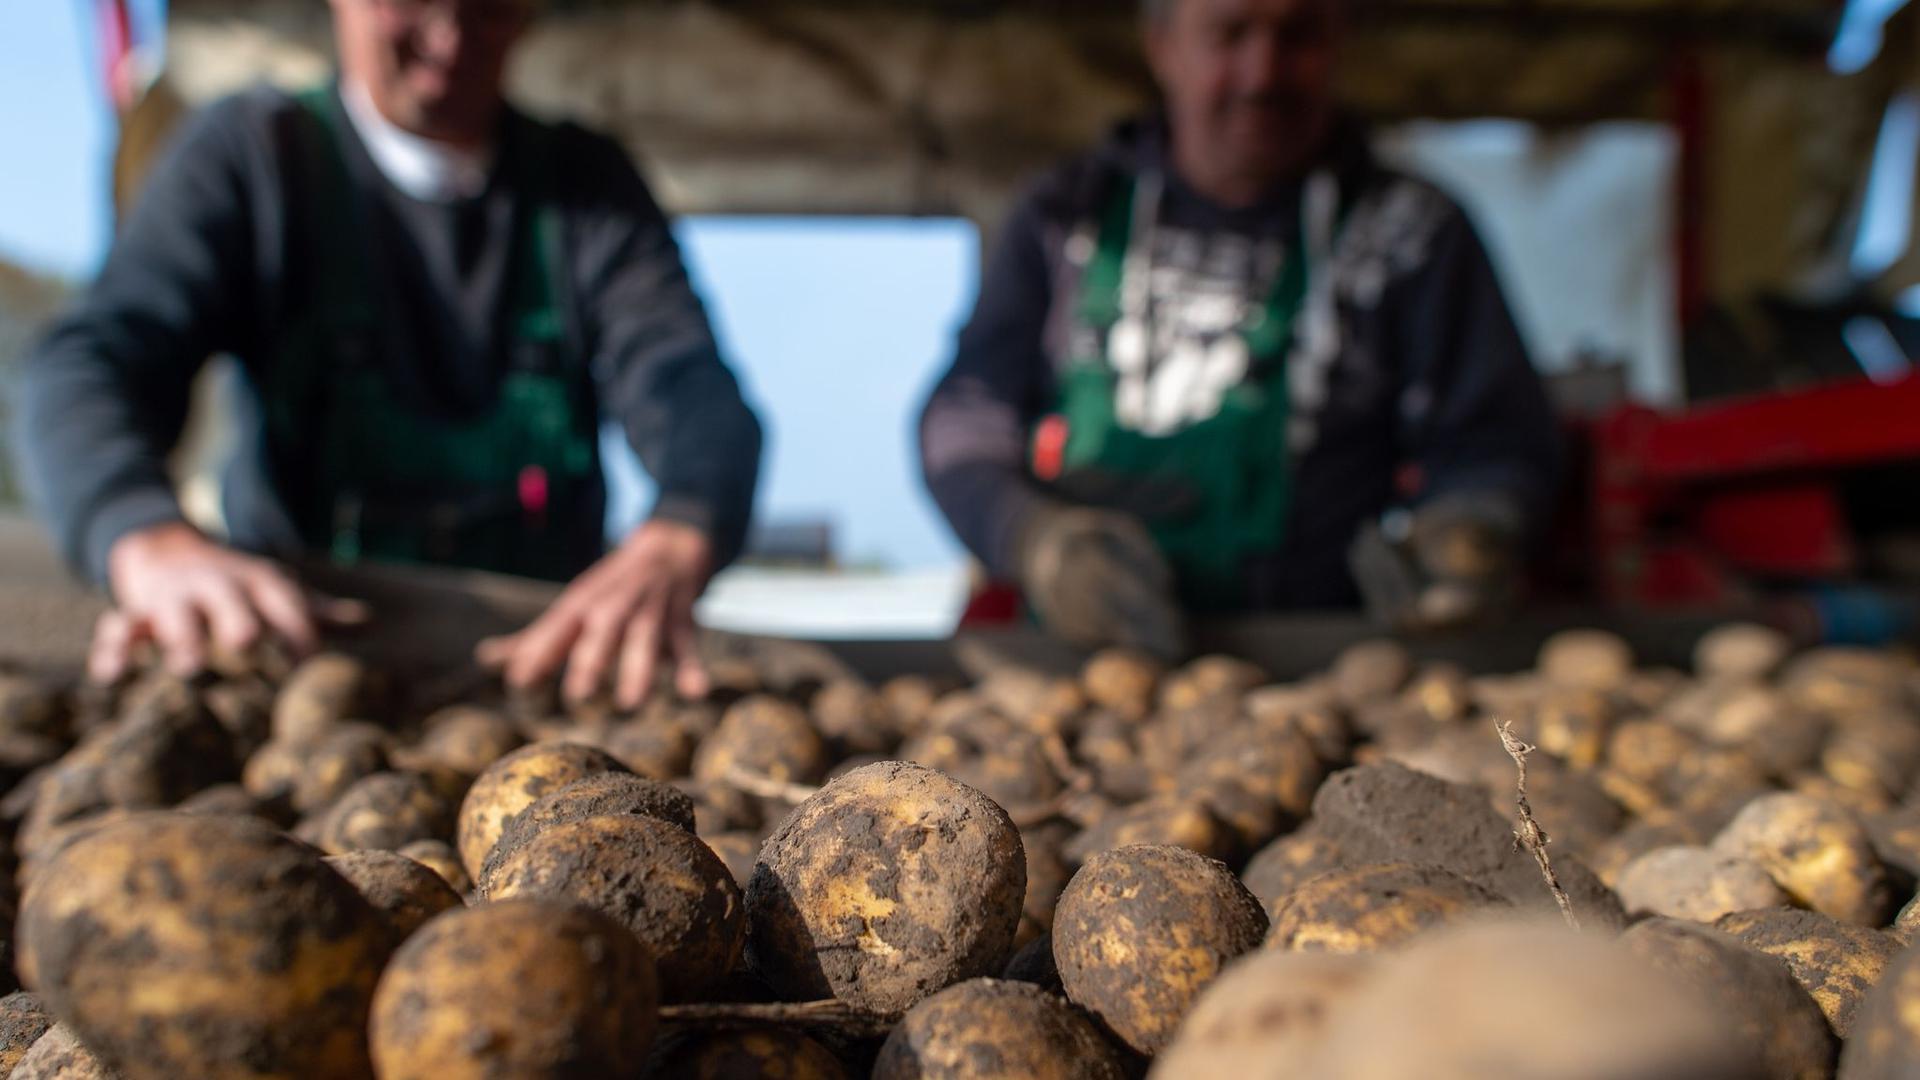 Frisch geerntete Kartoffeln liegen auf einem Förderband der Feldverladestation.